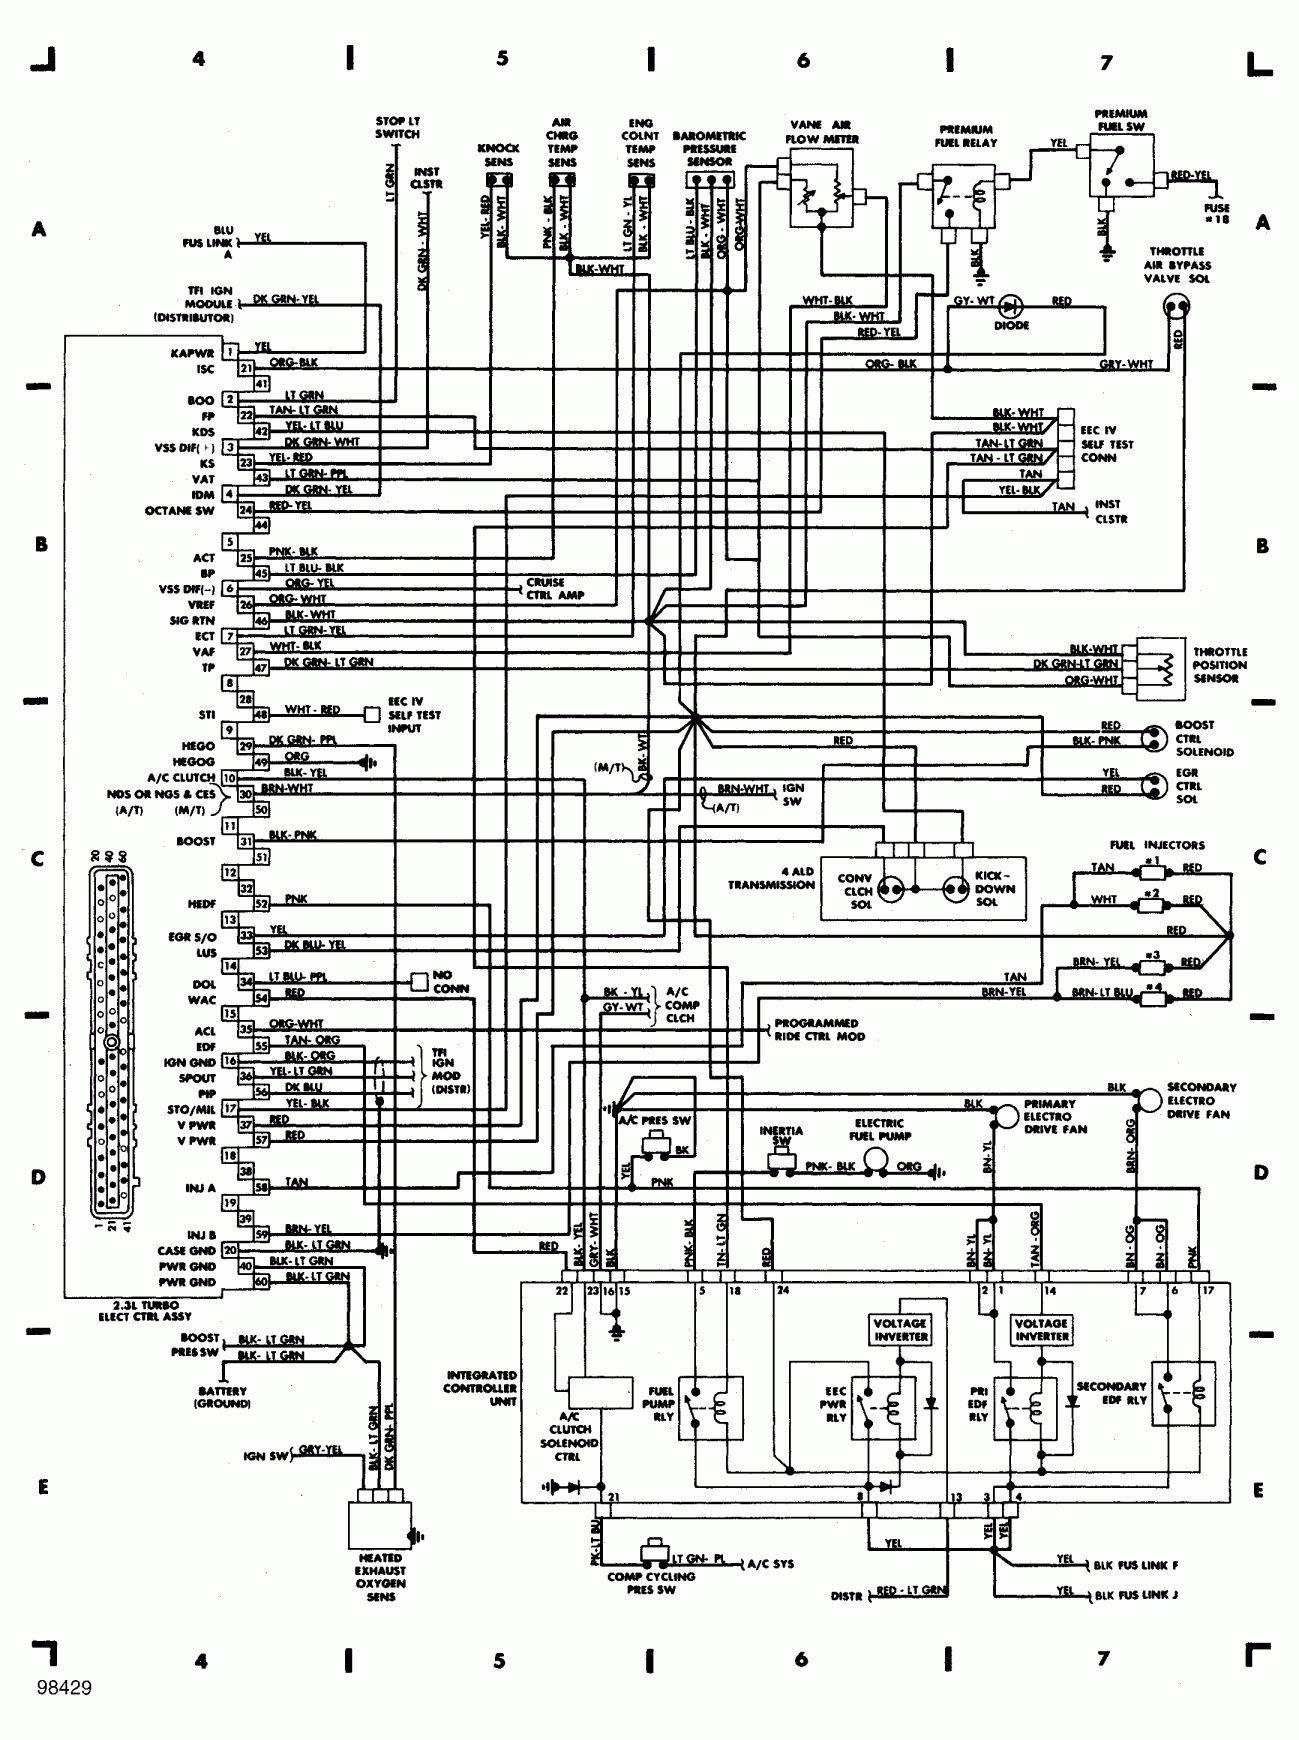 94 Camaro Wiring Diagram